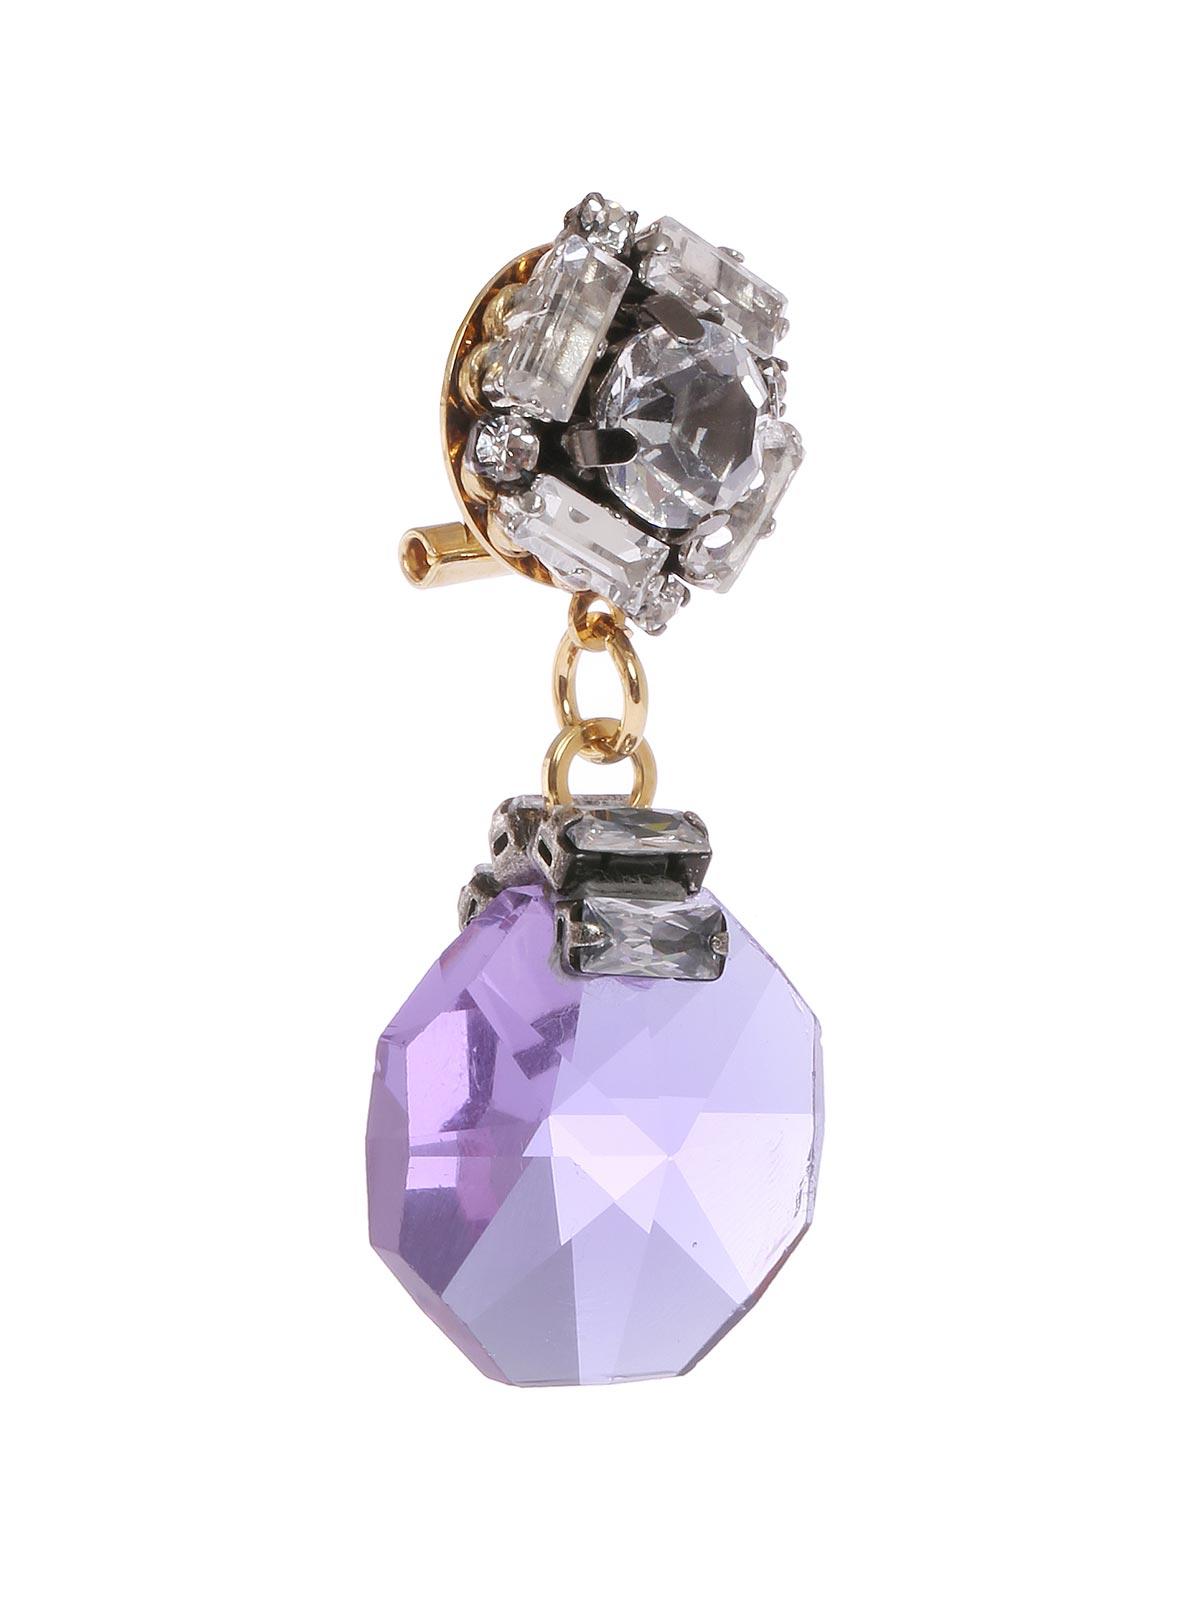 Orecchini di cristalli con pendente gioiello